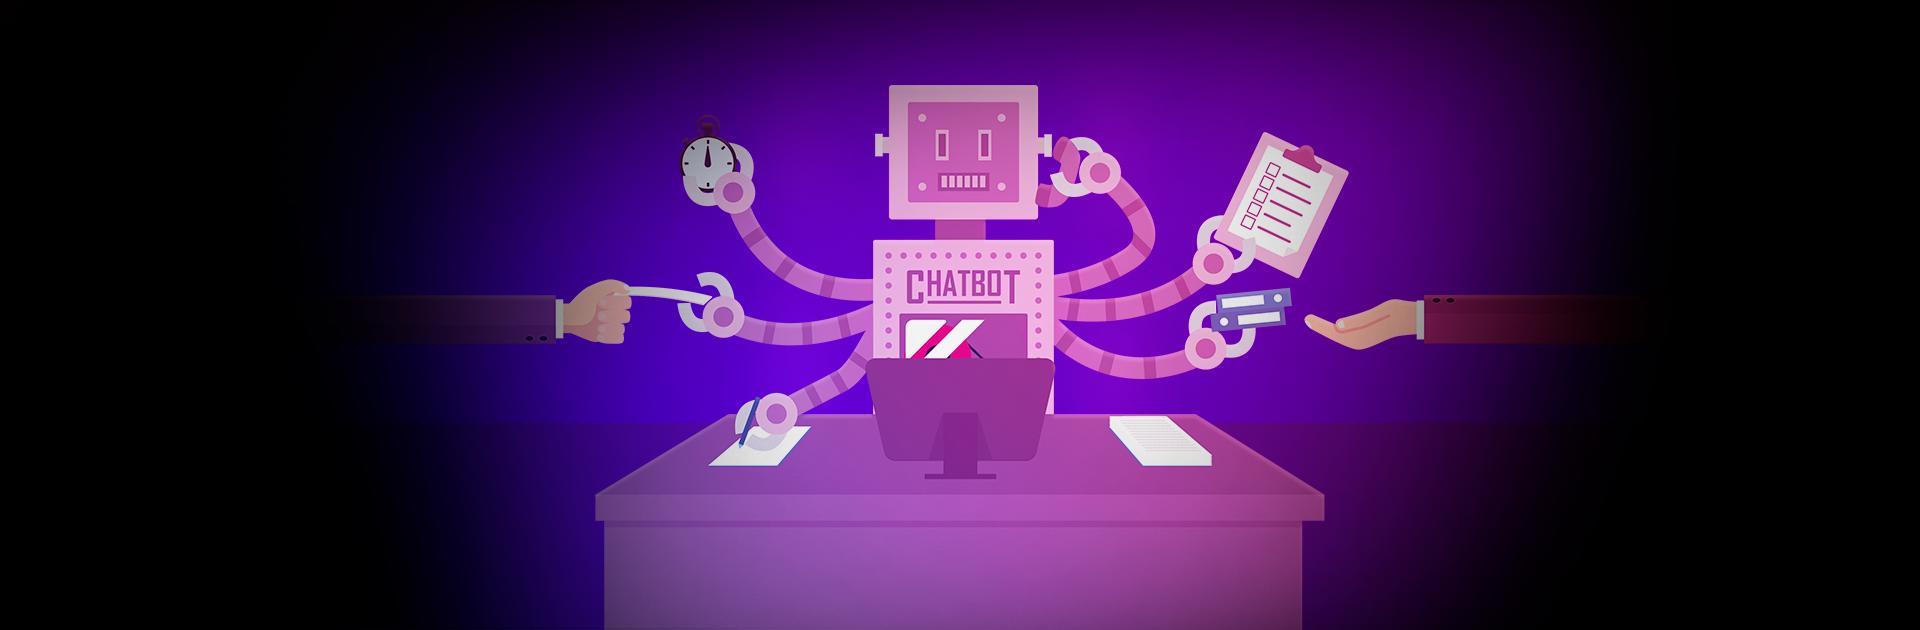 Os benefícios dos chatbots para rotinas empresariais